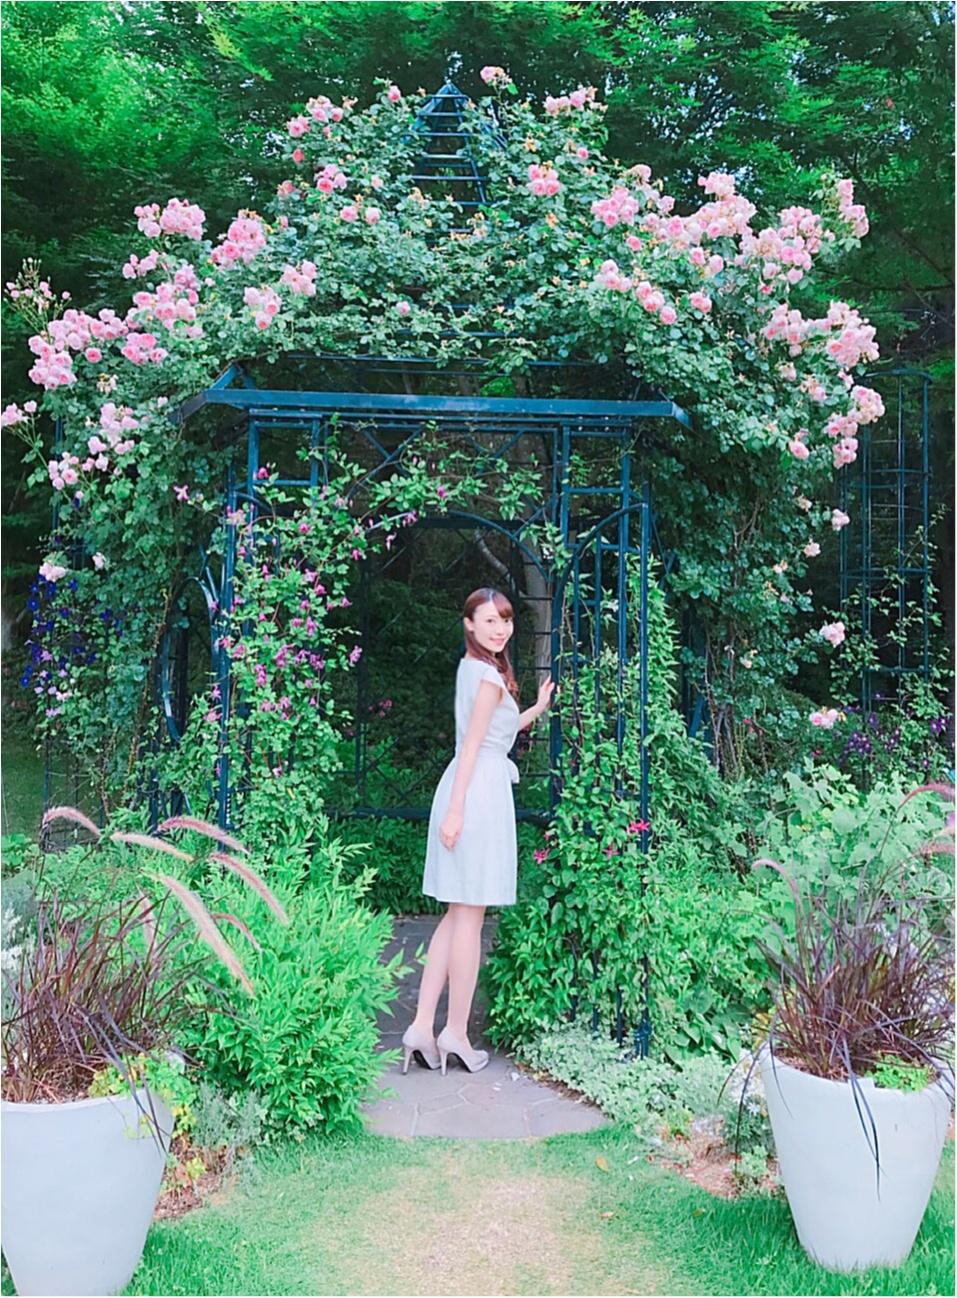 女の子の憧れ♡バラ園で素敵なひと時を、、(*^ω^*)_5